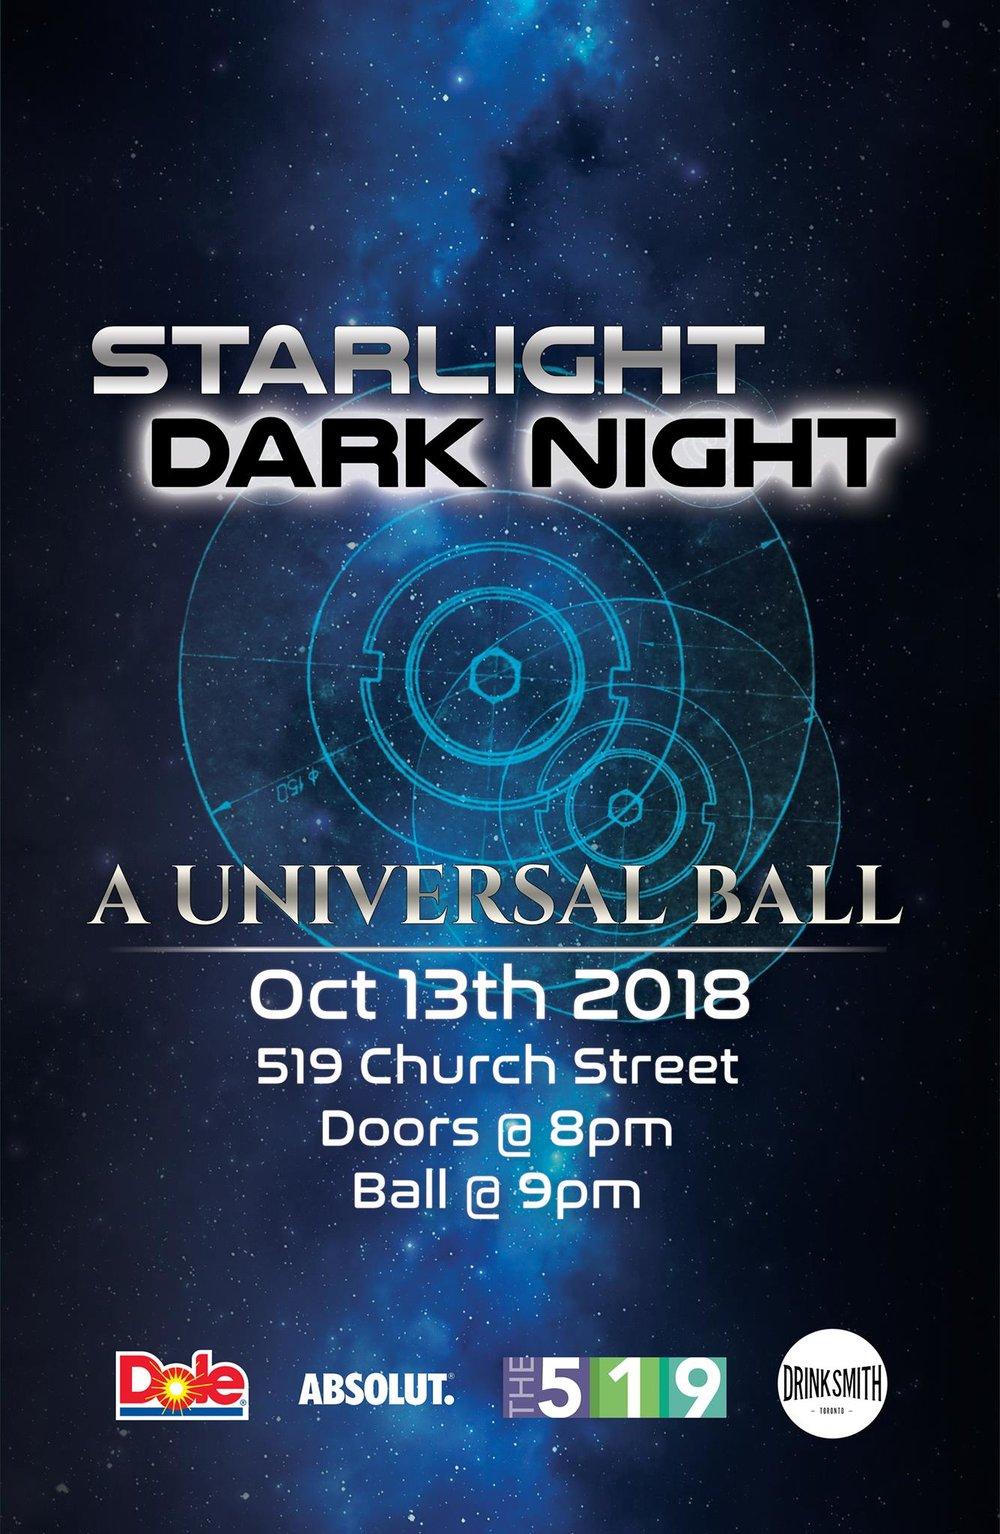 Starlight-dark-night